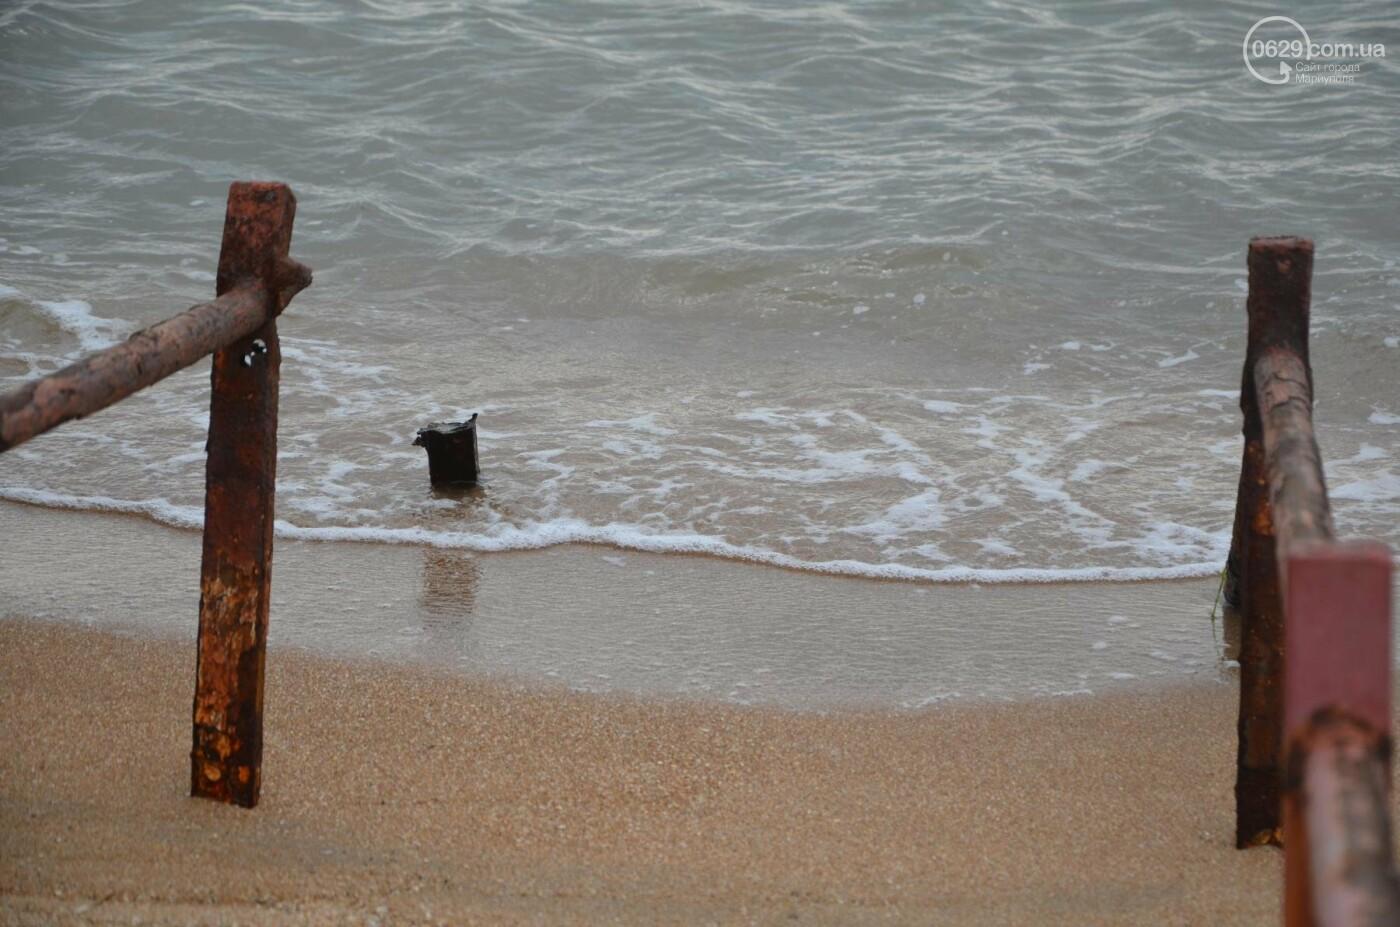 Пляжи Мариуполя откроются 15 мая (ФОТО, ВИДЕО), фото-4